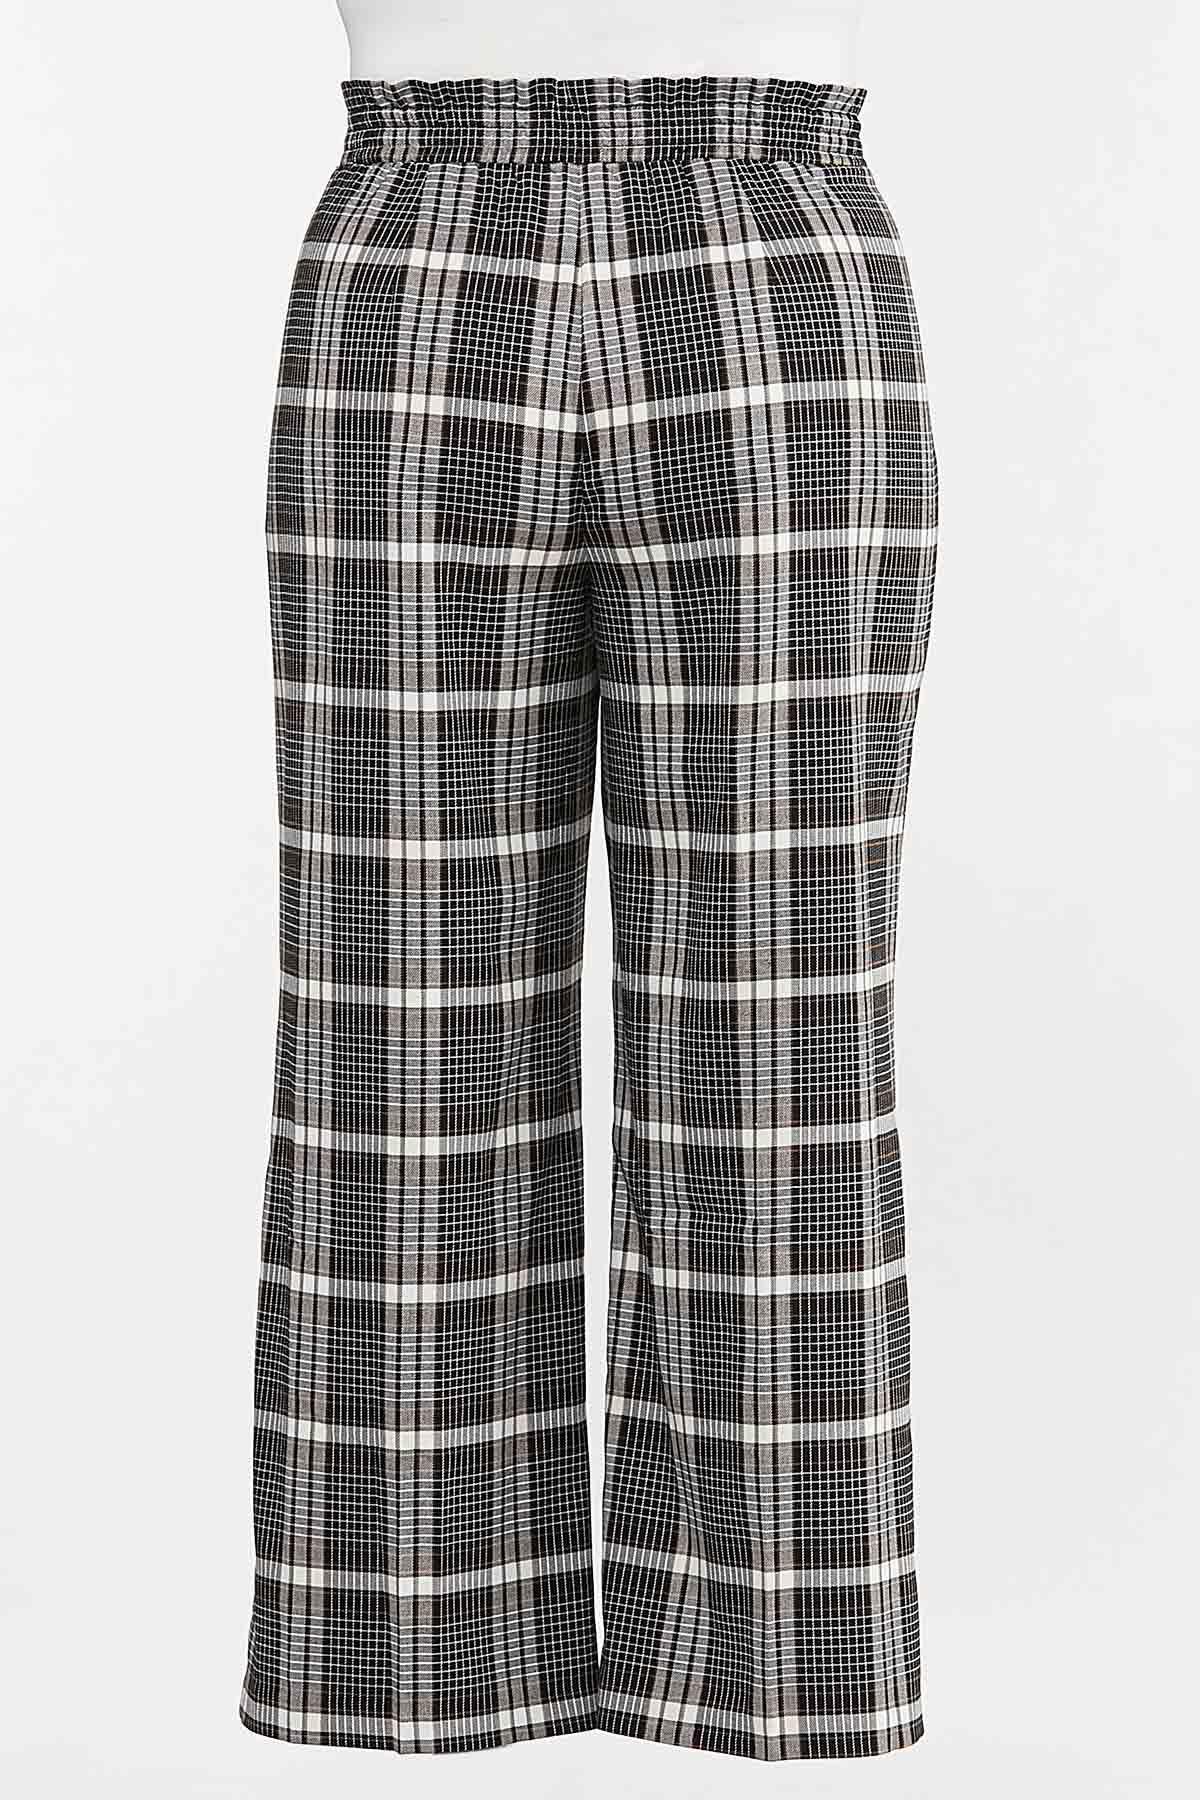 Plus Size Plaid Trouser Pants (Item #44641873)